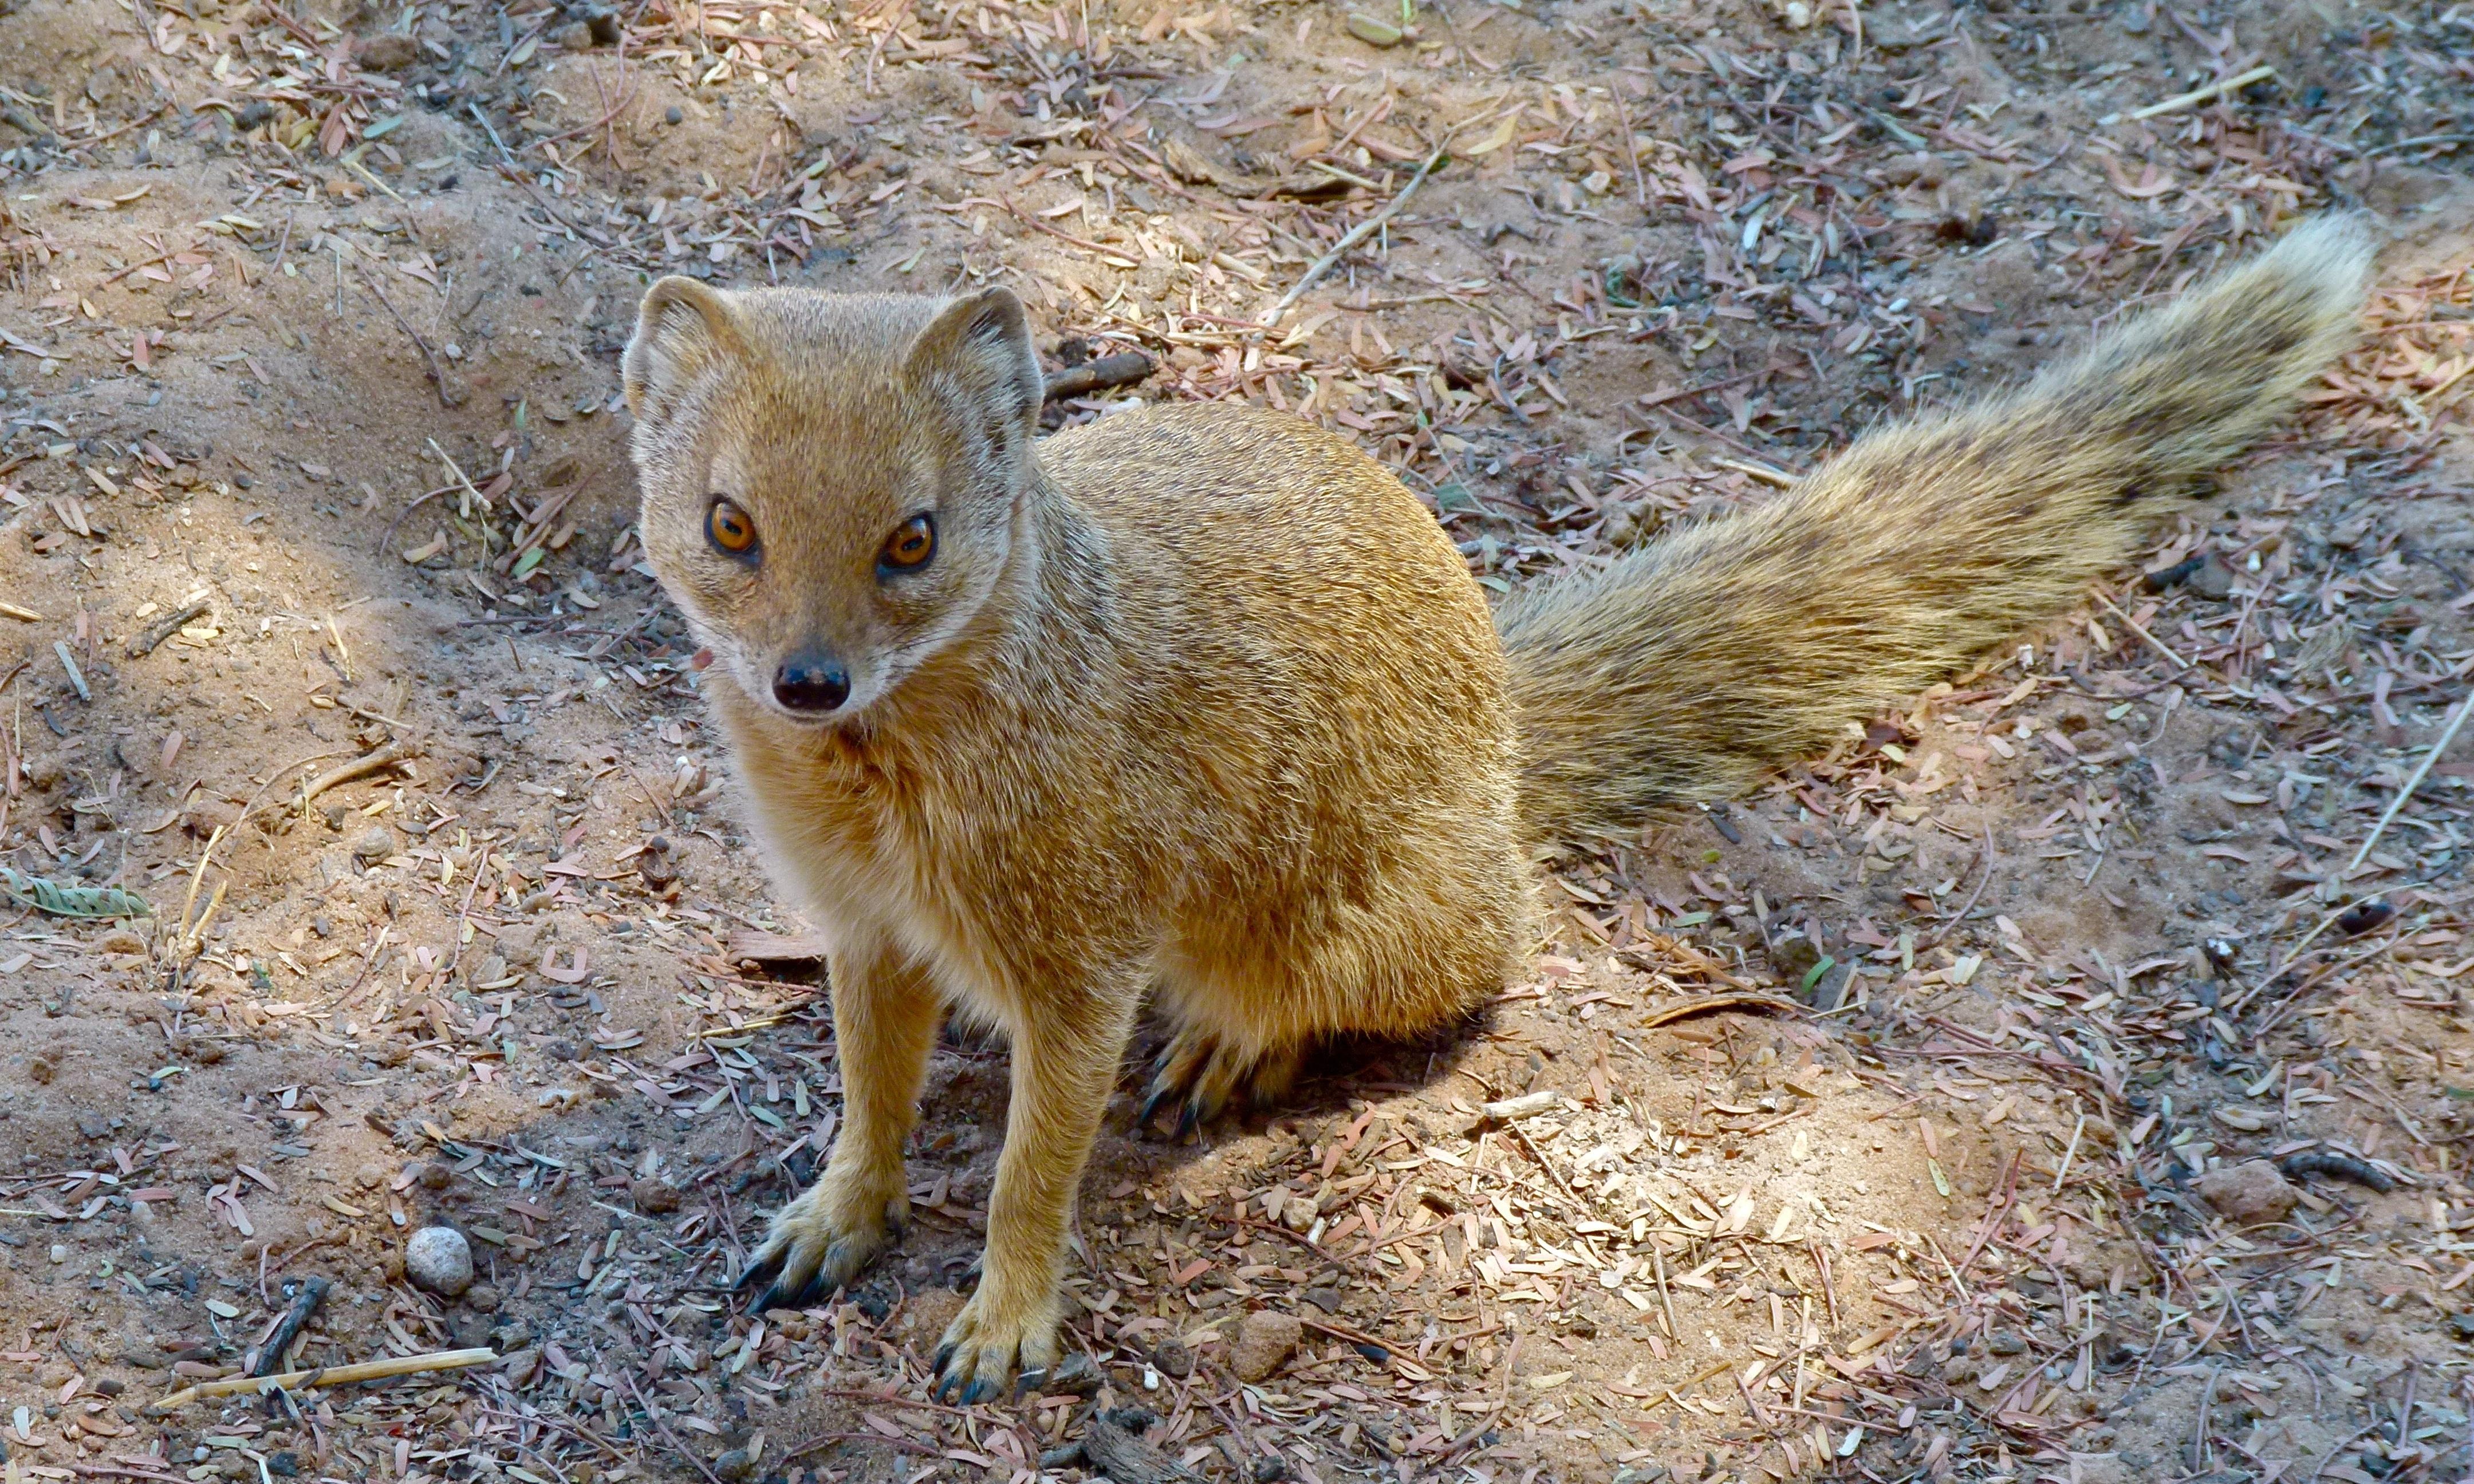 Image of Yellow Mongoose